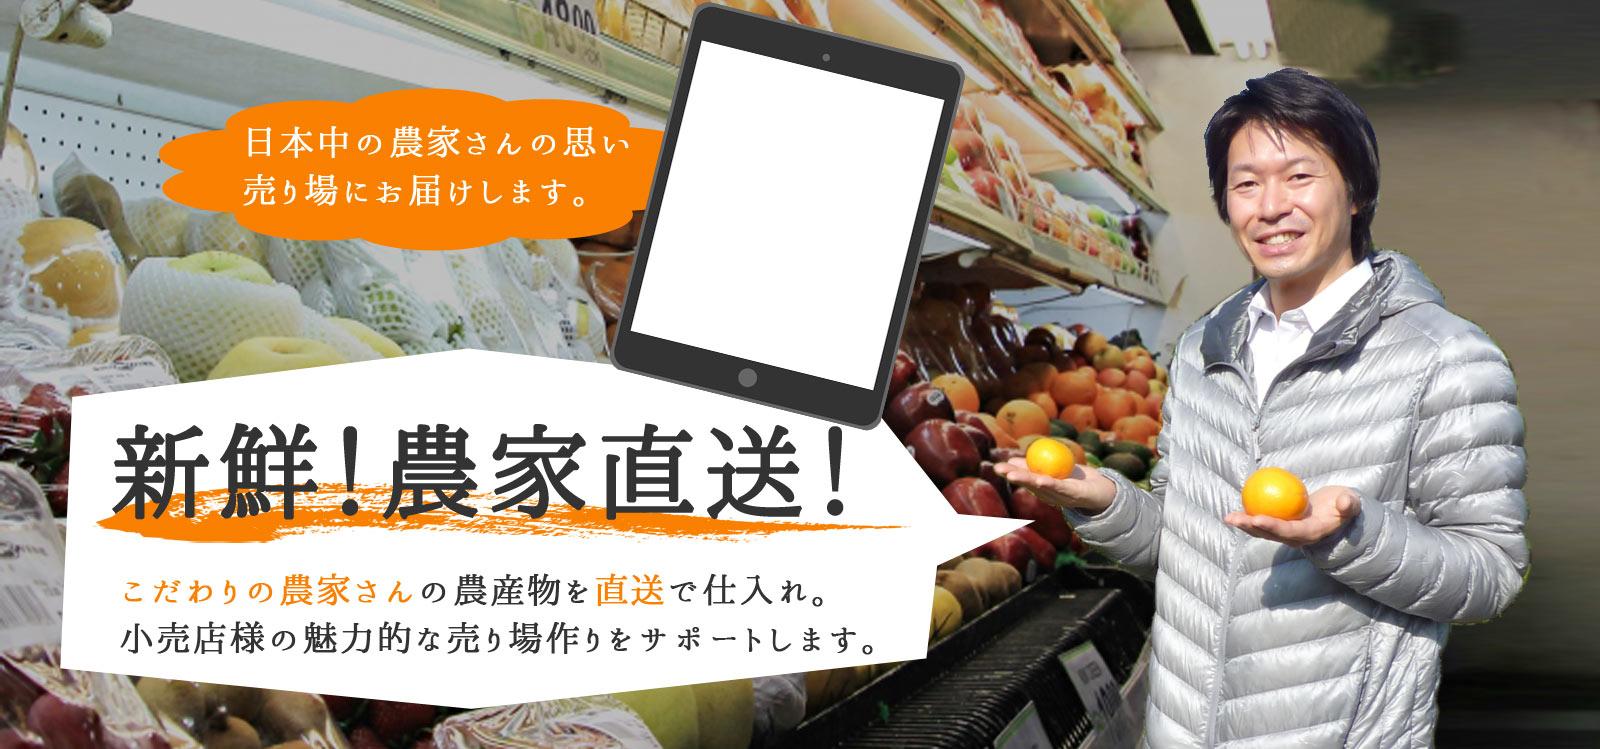 新鮮!農家直送!こだわりの農家さんの農産物を直送でお届け!小売店様の魅力的な売り場作りをサポートします。